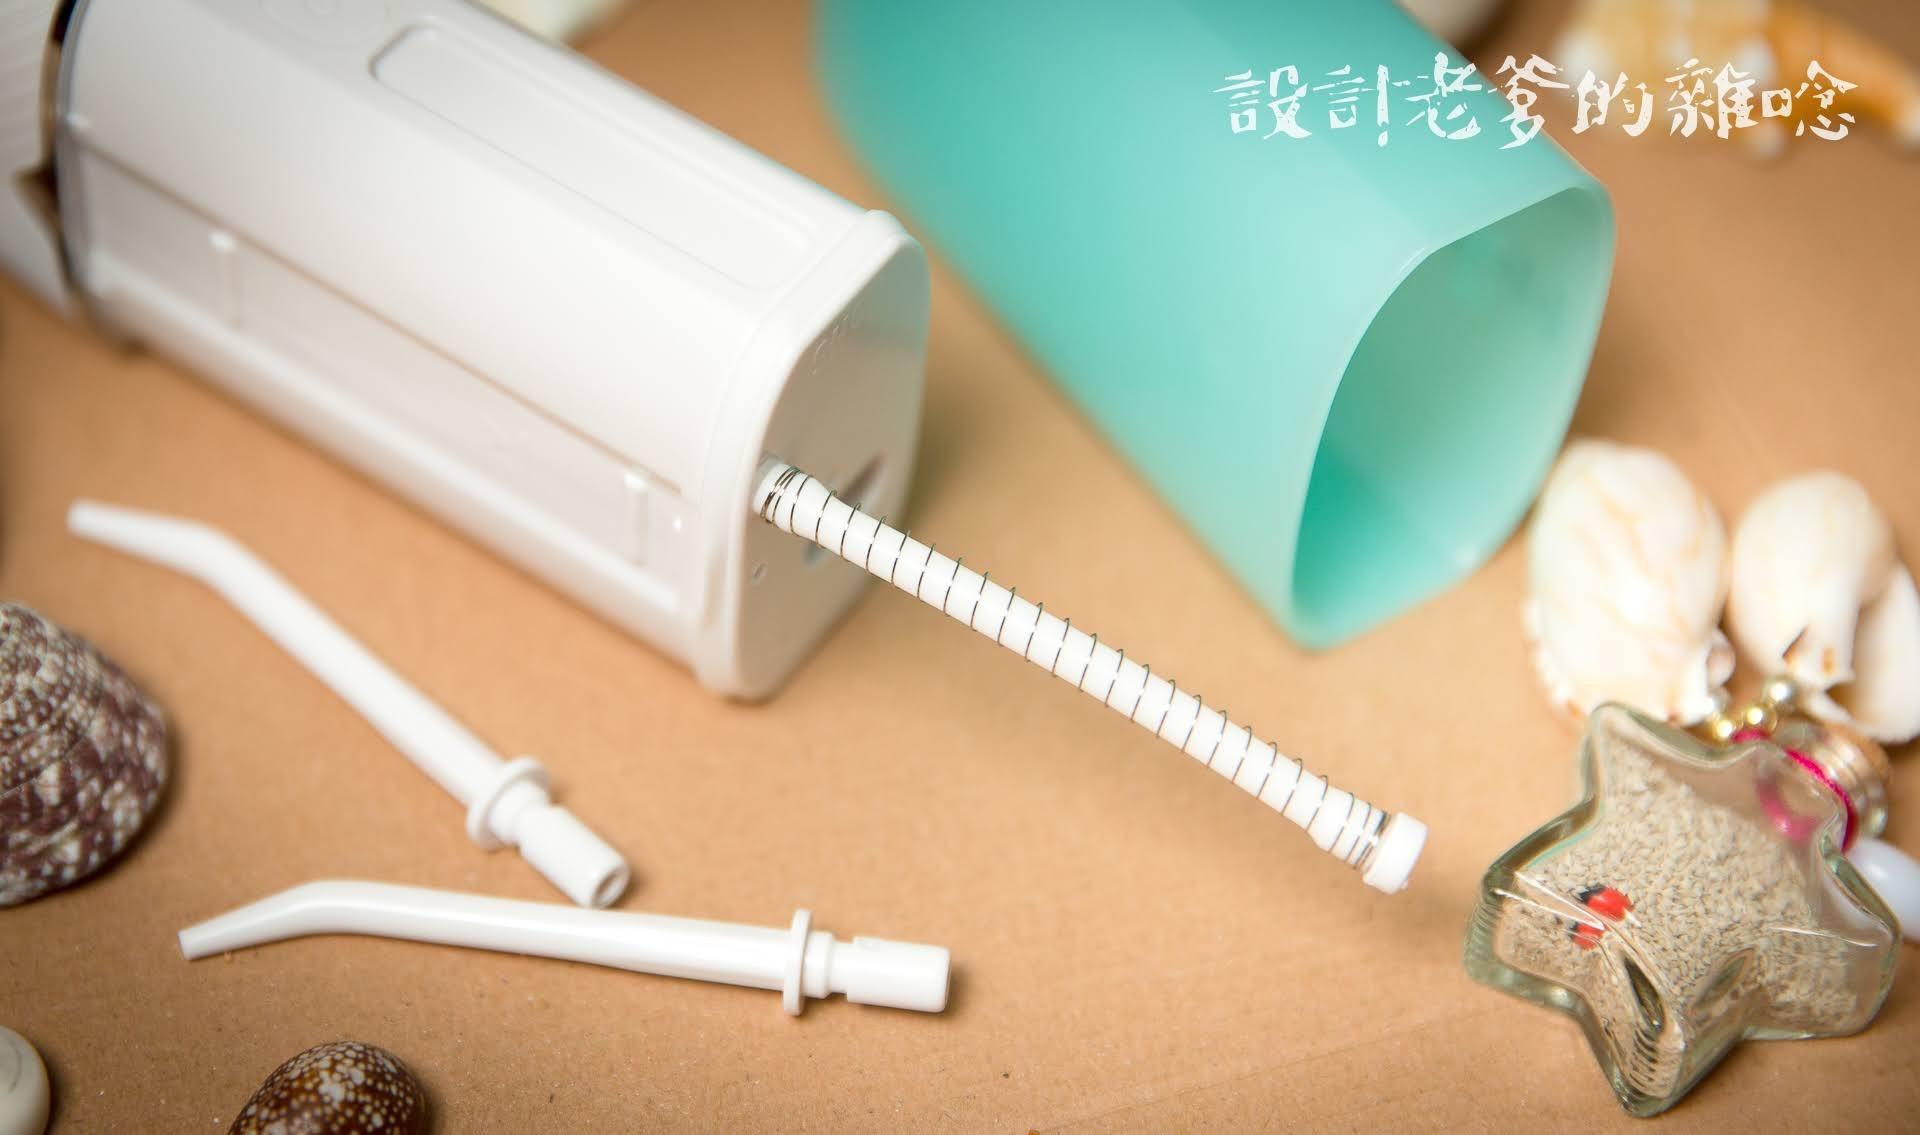 KINYO迷你口袋型健康沖牙機...可以帶著走的牙齒SPA機呦!